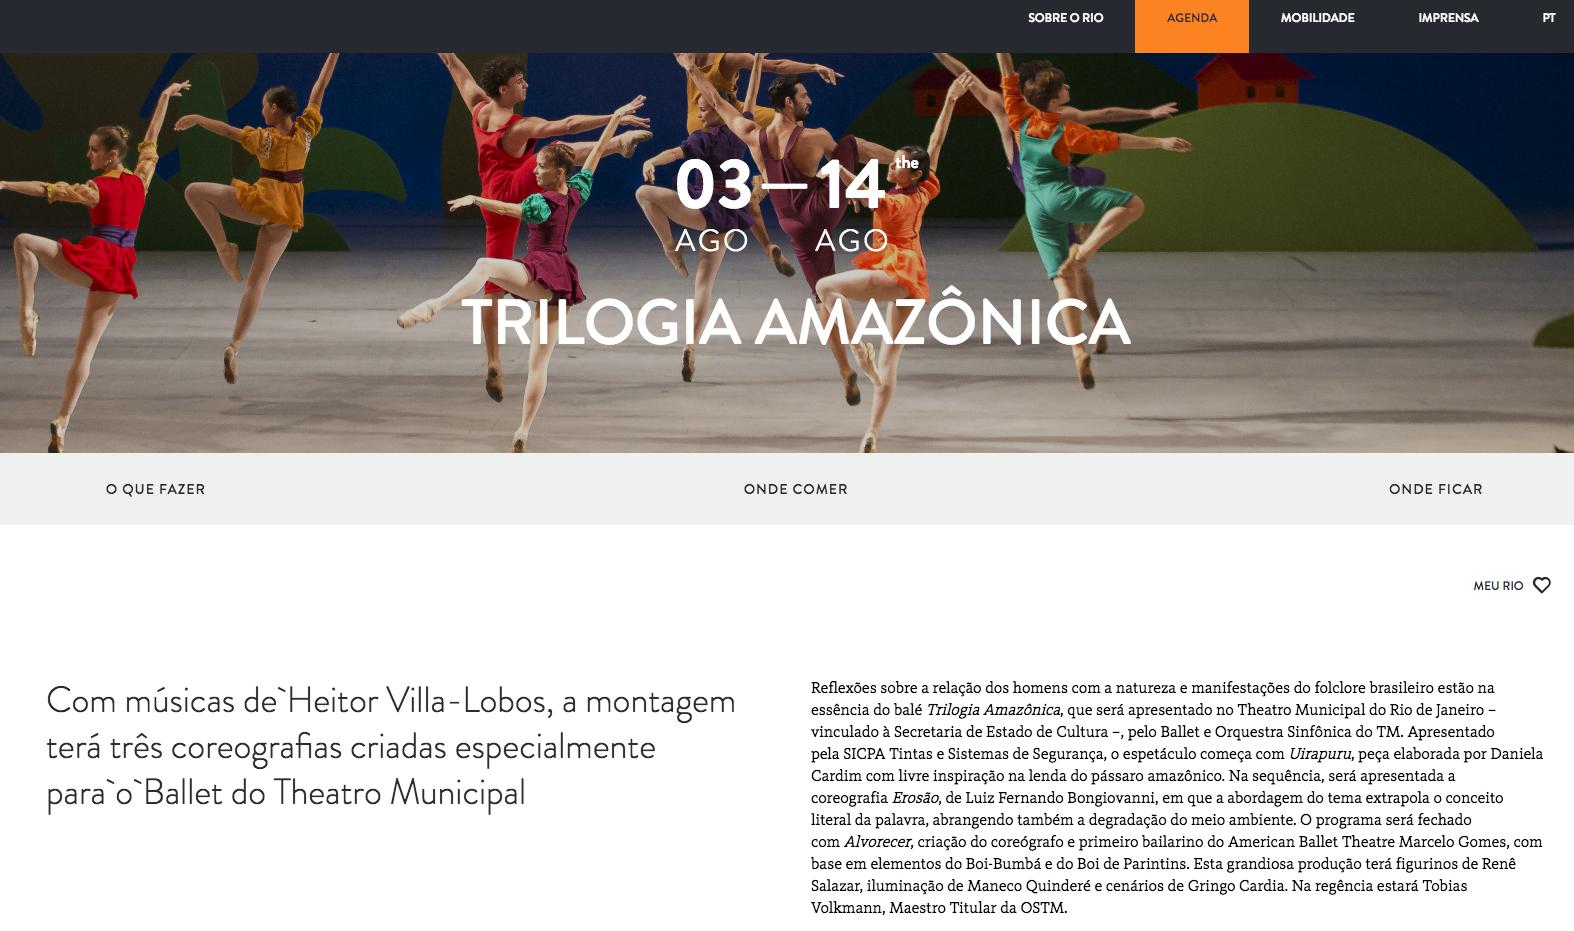 Trilogia Amazônica